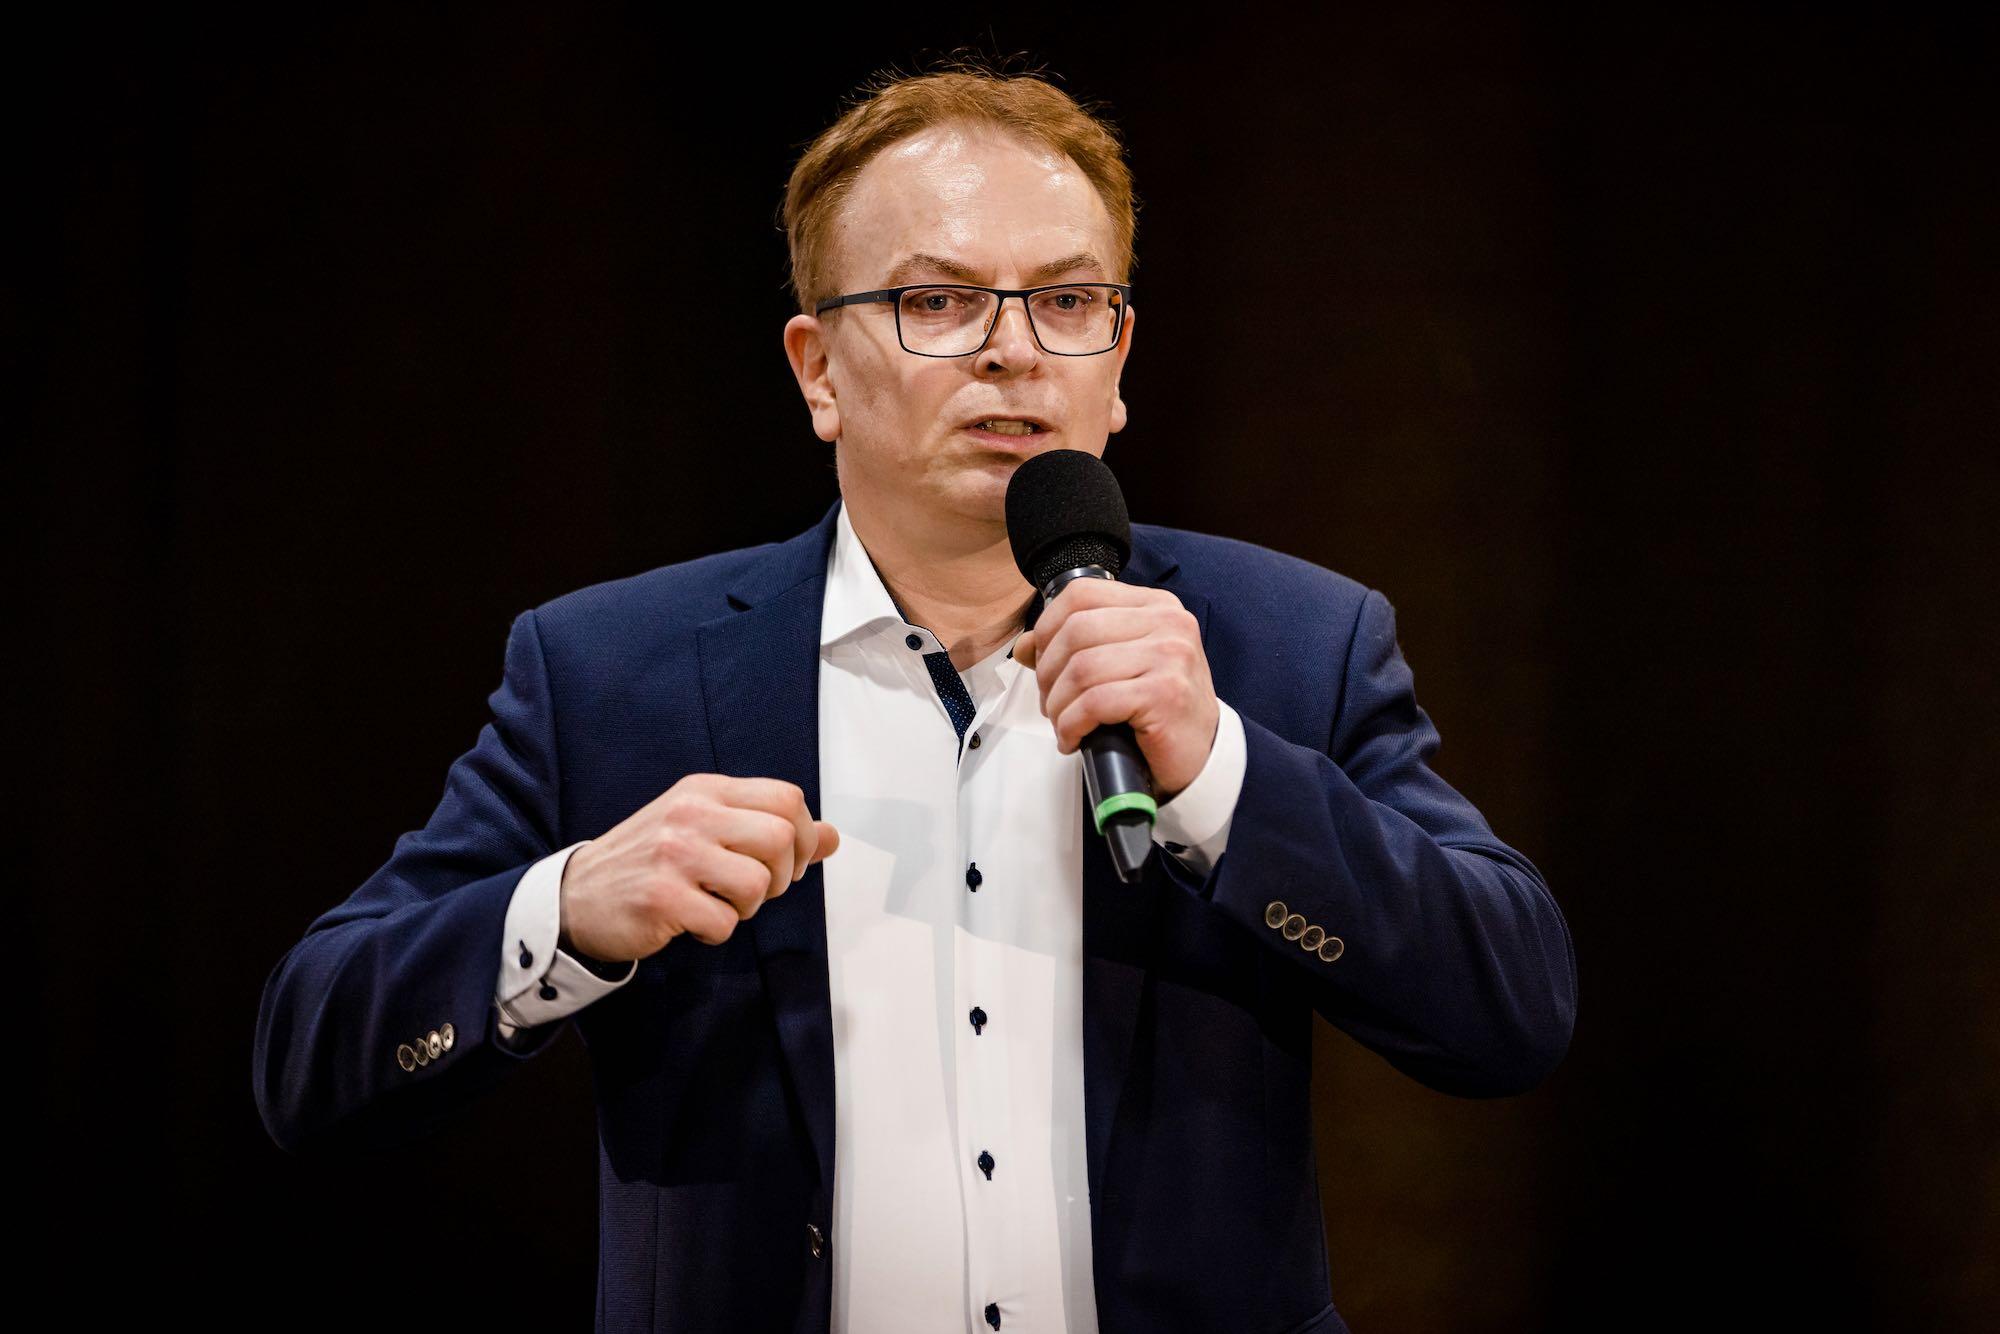 Wolfgang Schmid im Vortrag 2